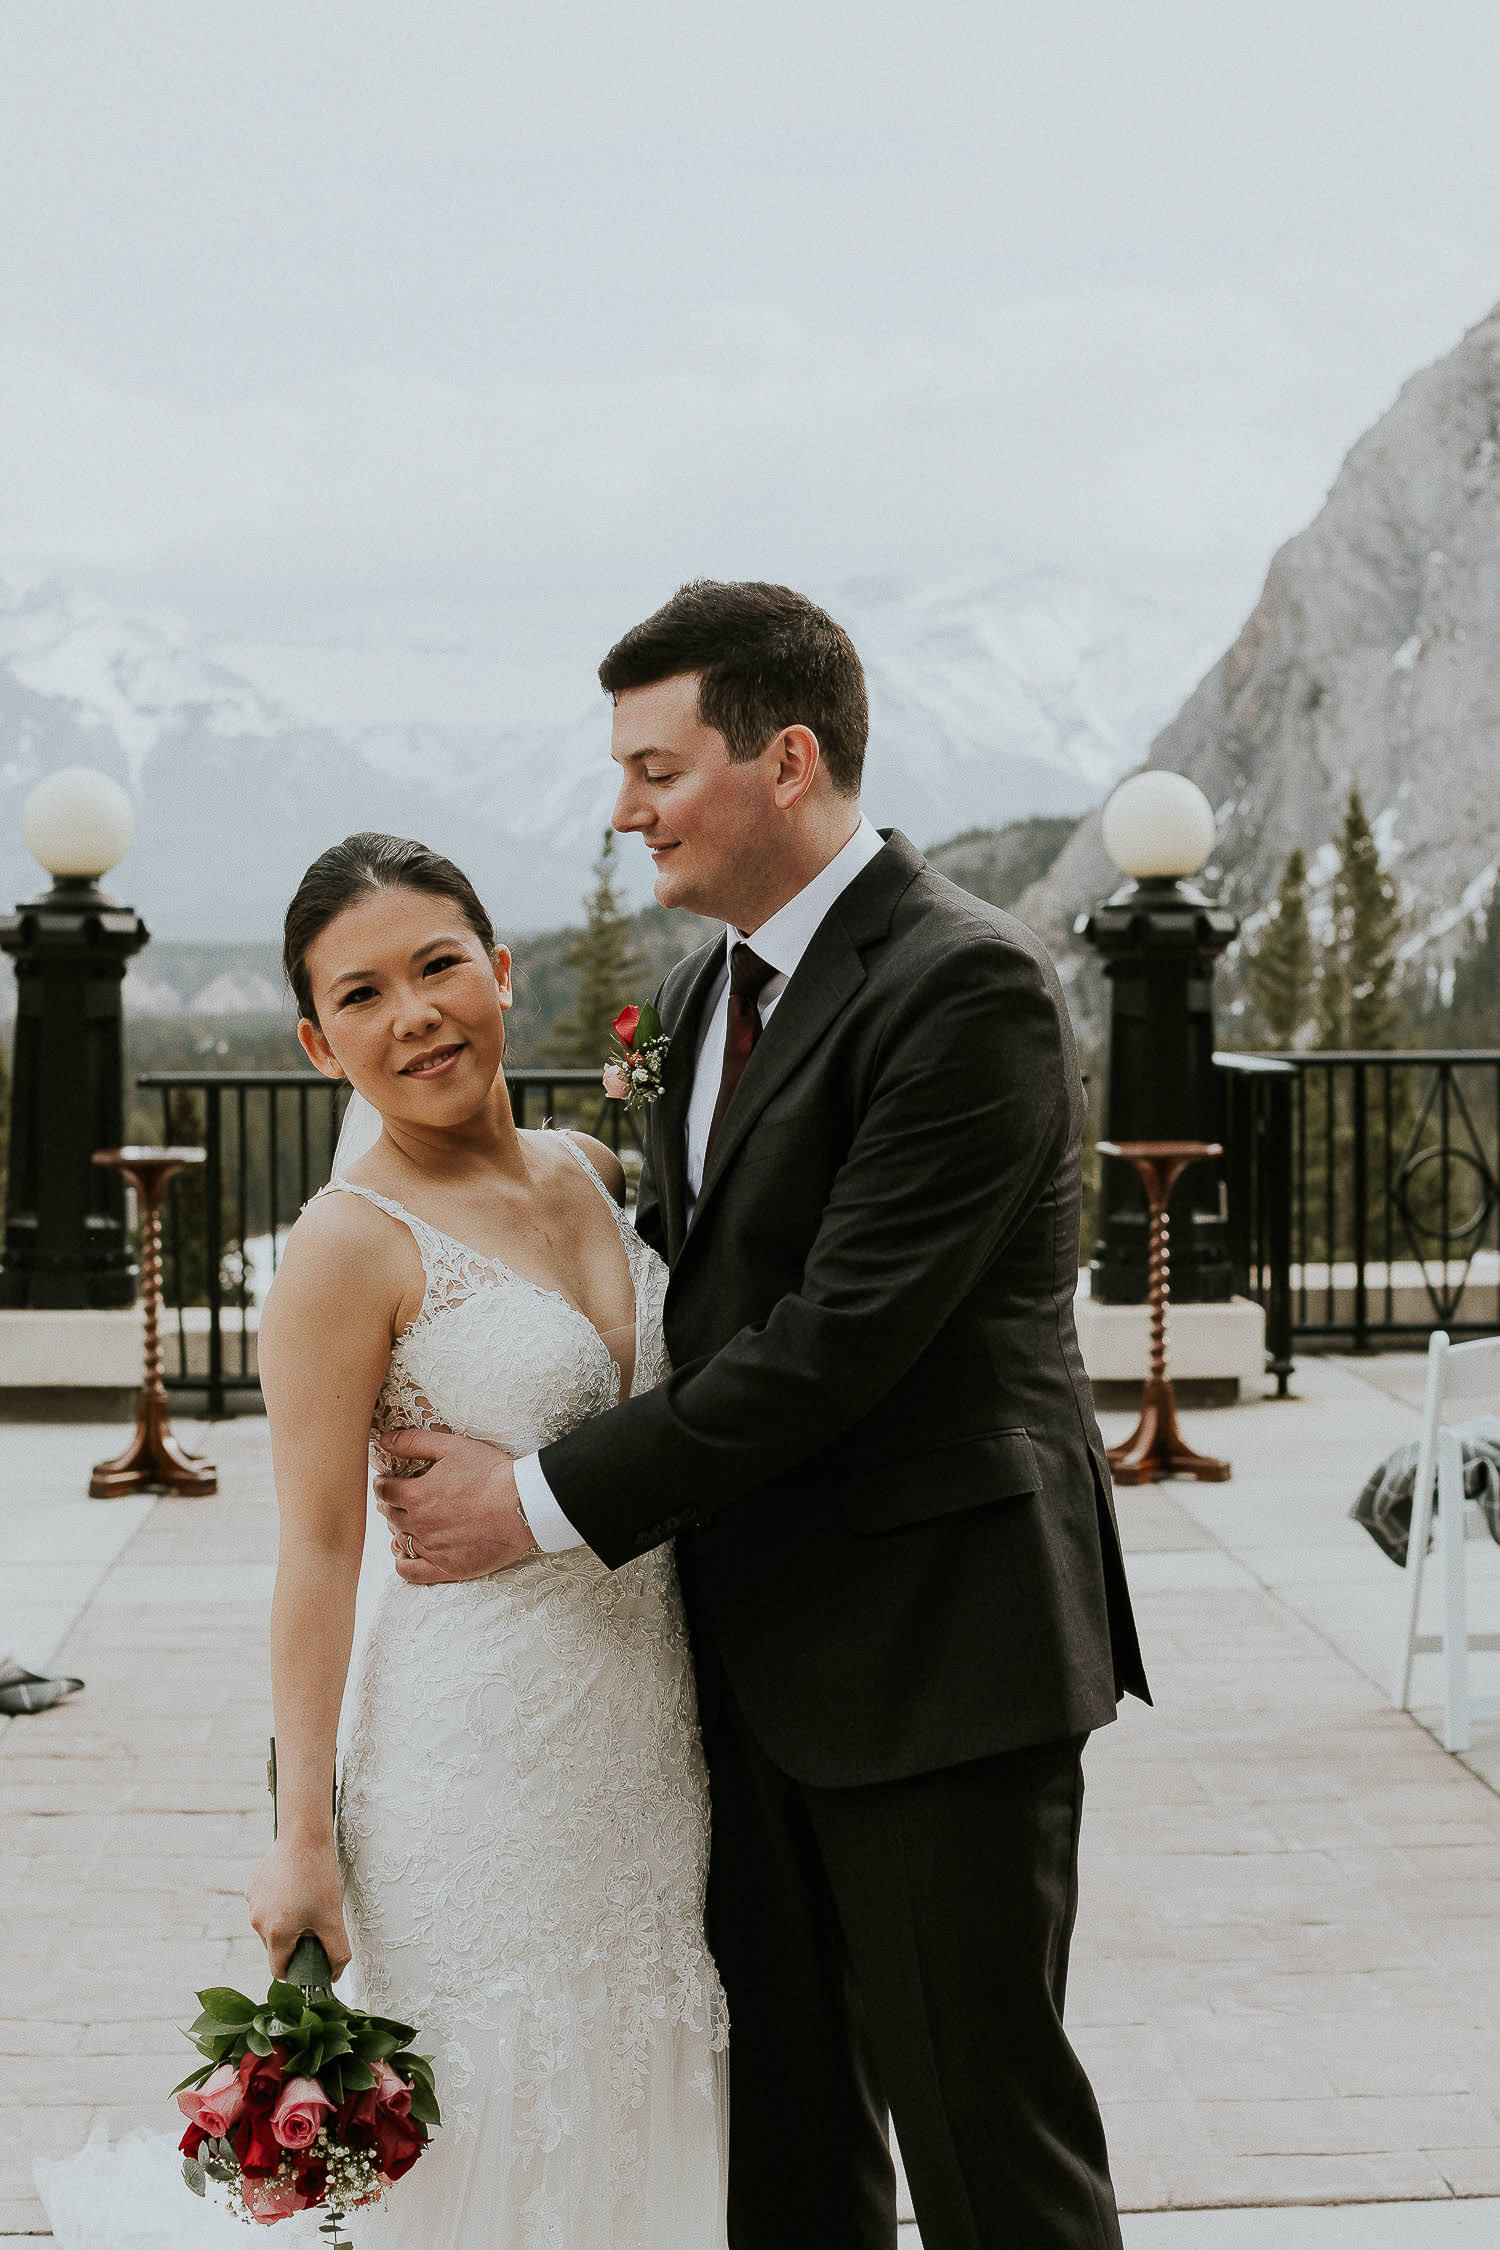 intimate-wedding-at-banff-springs-hotel-sarah-pukin-0117